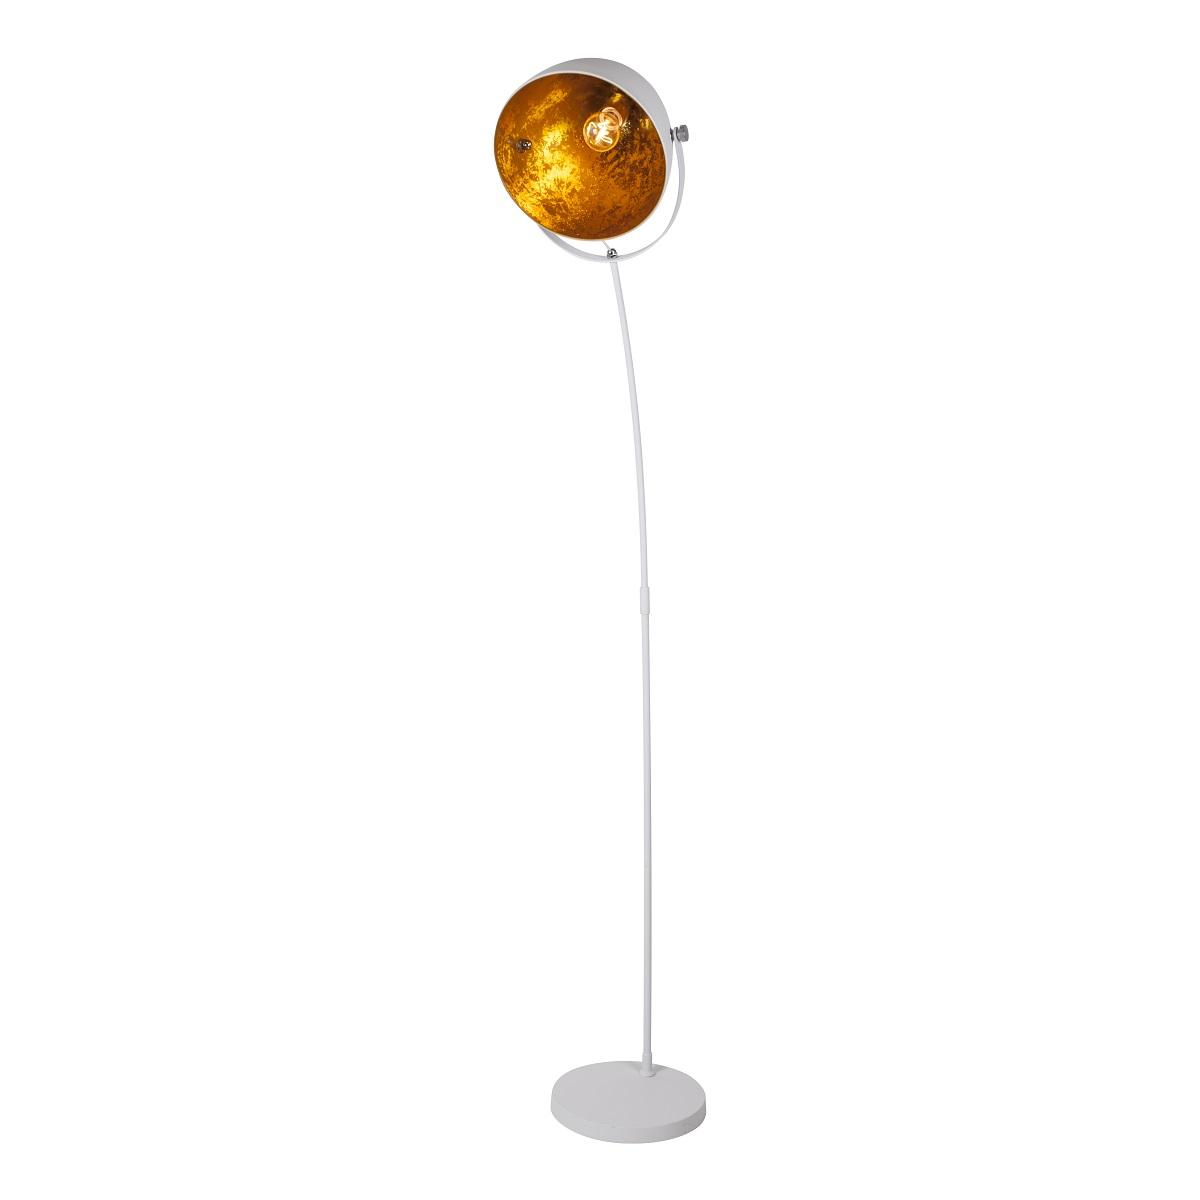 Lampenhelden | Vandeheg® Stehleuchte EGG WHITE weiß/hellgold Ø 29cm ...